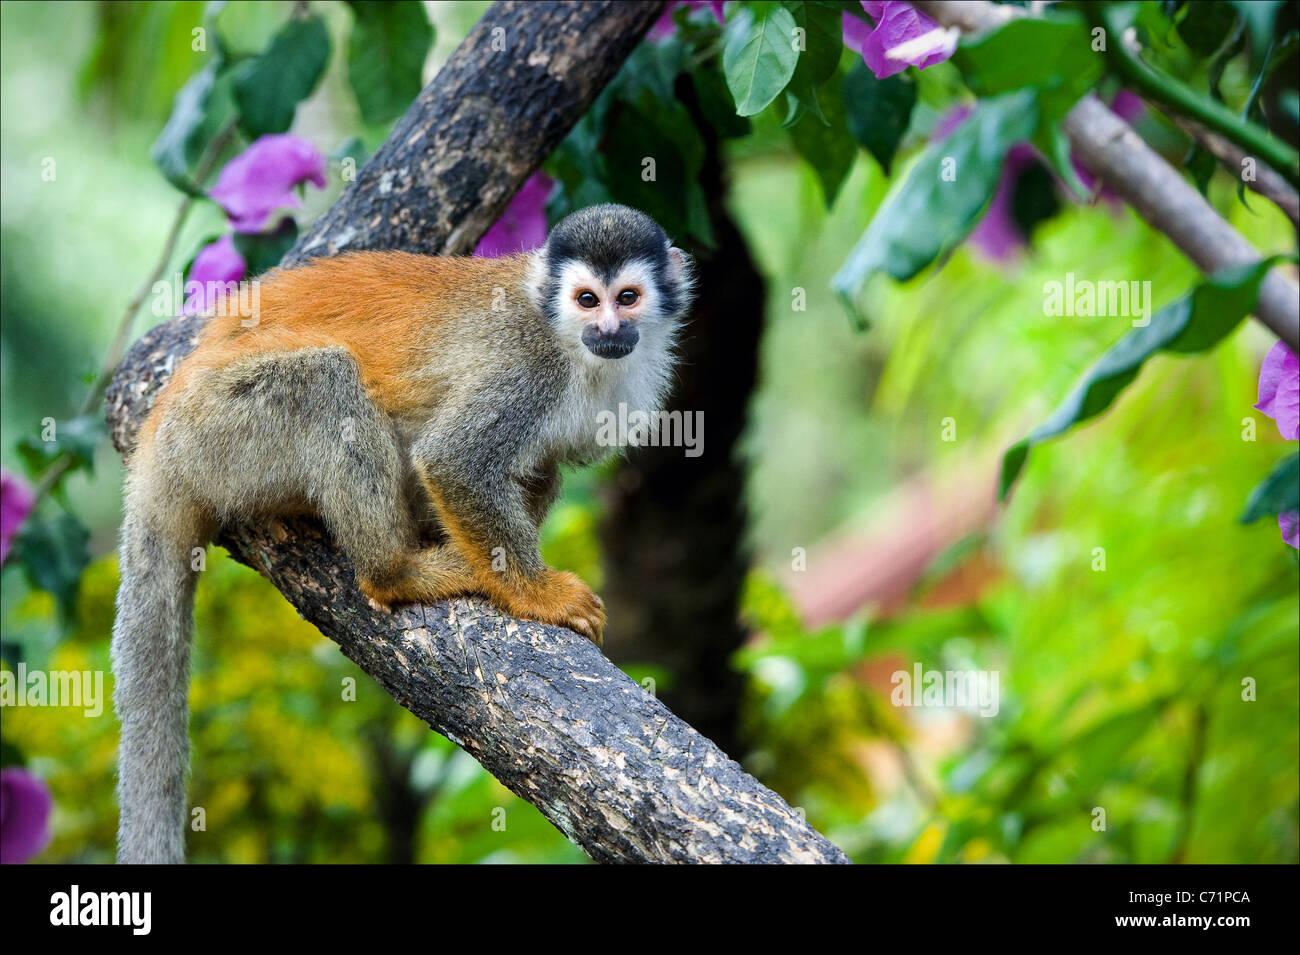 La Scimmia di scoiattolo. La Scimmia di scoiattolo saimiri siede su un ramo di un albero e pone. Immagini Stock